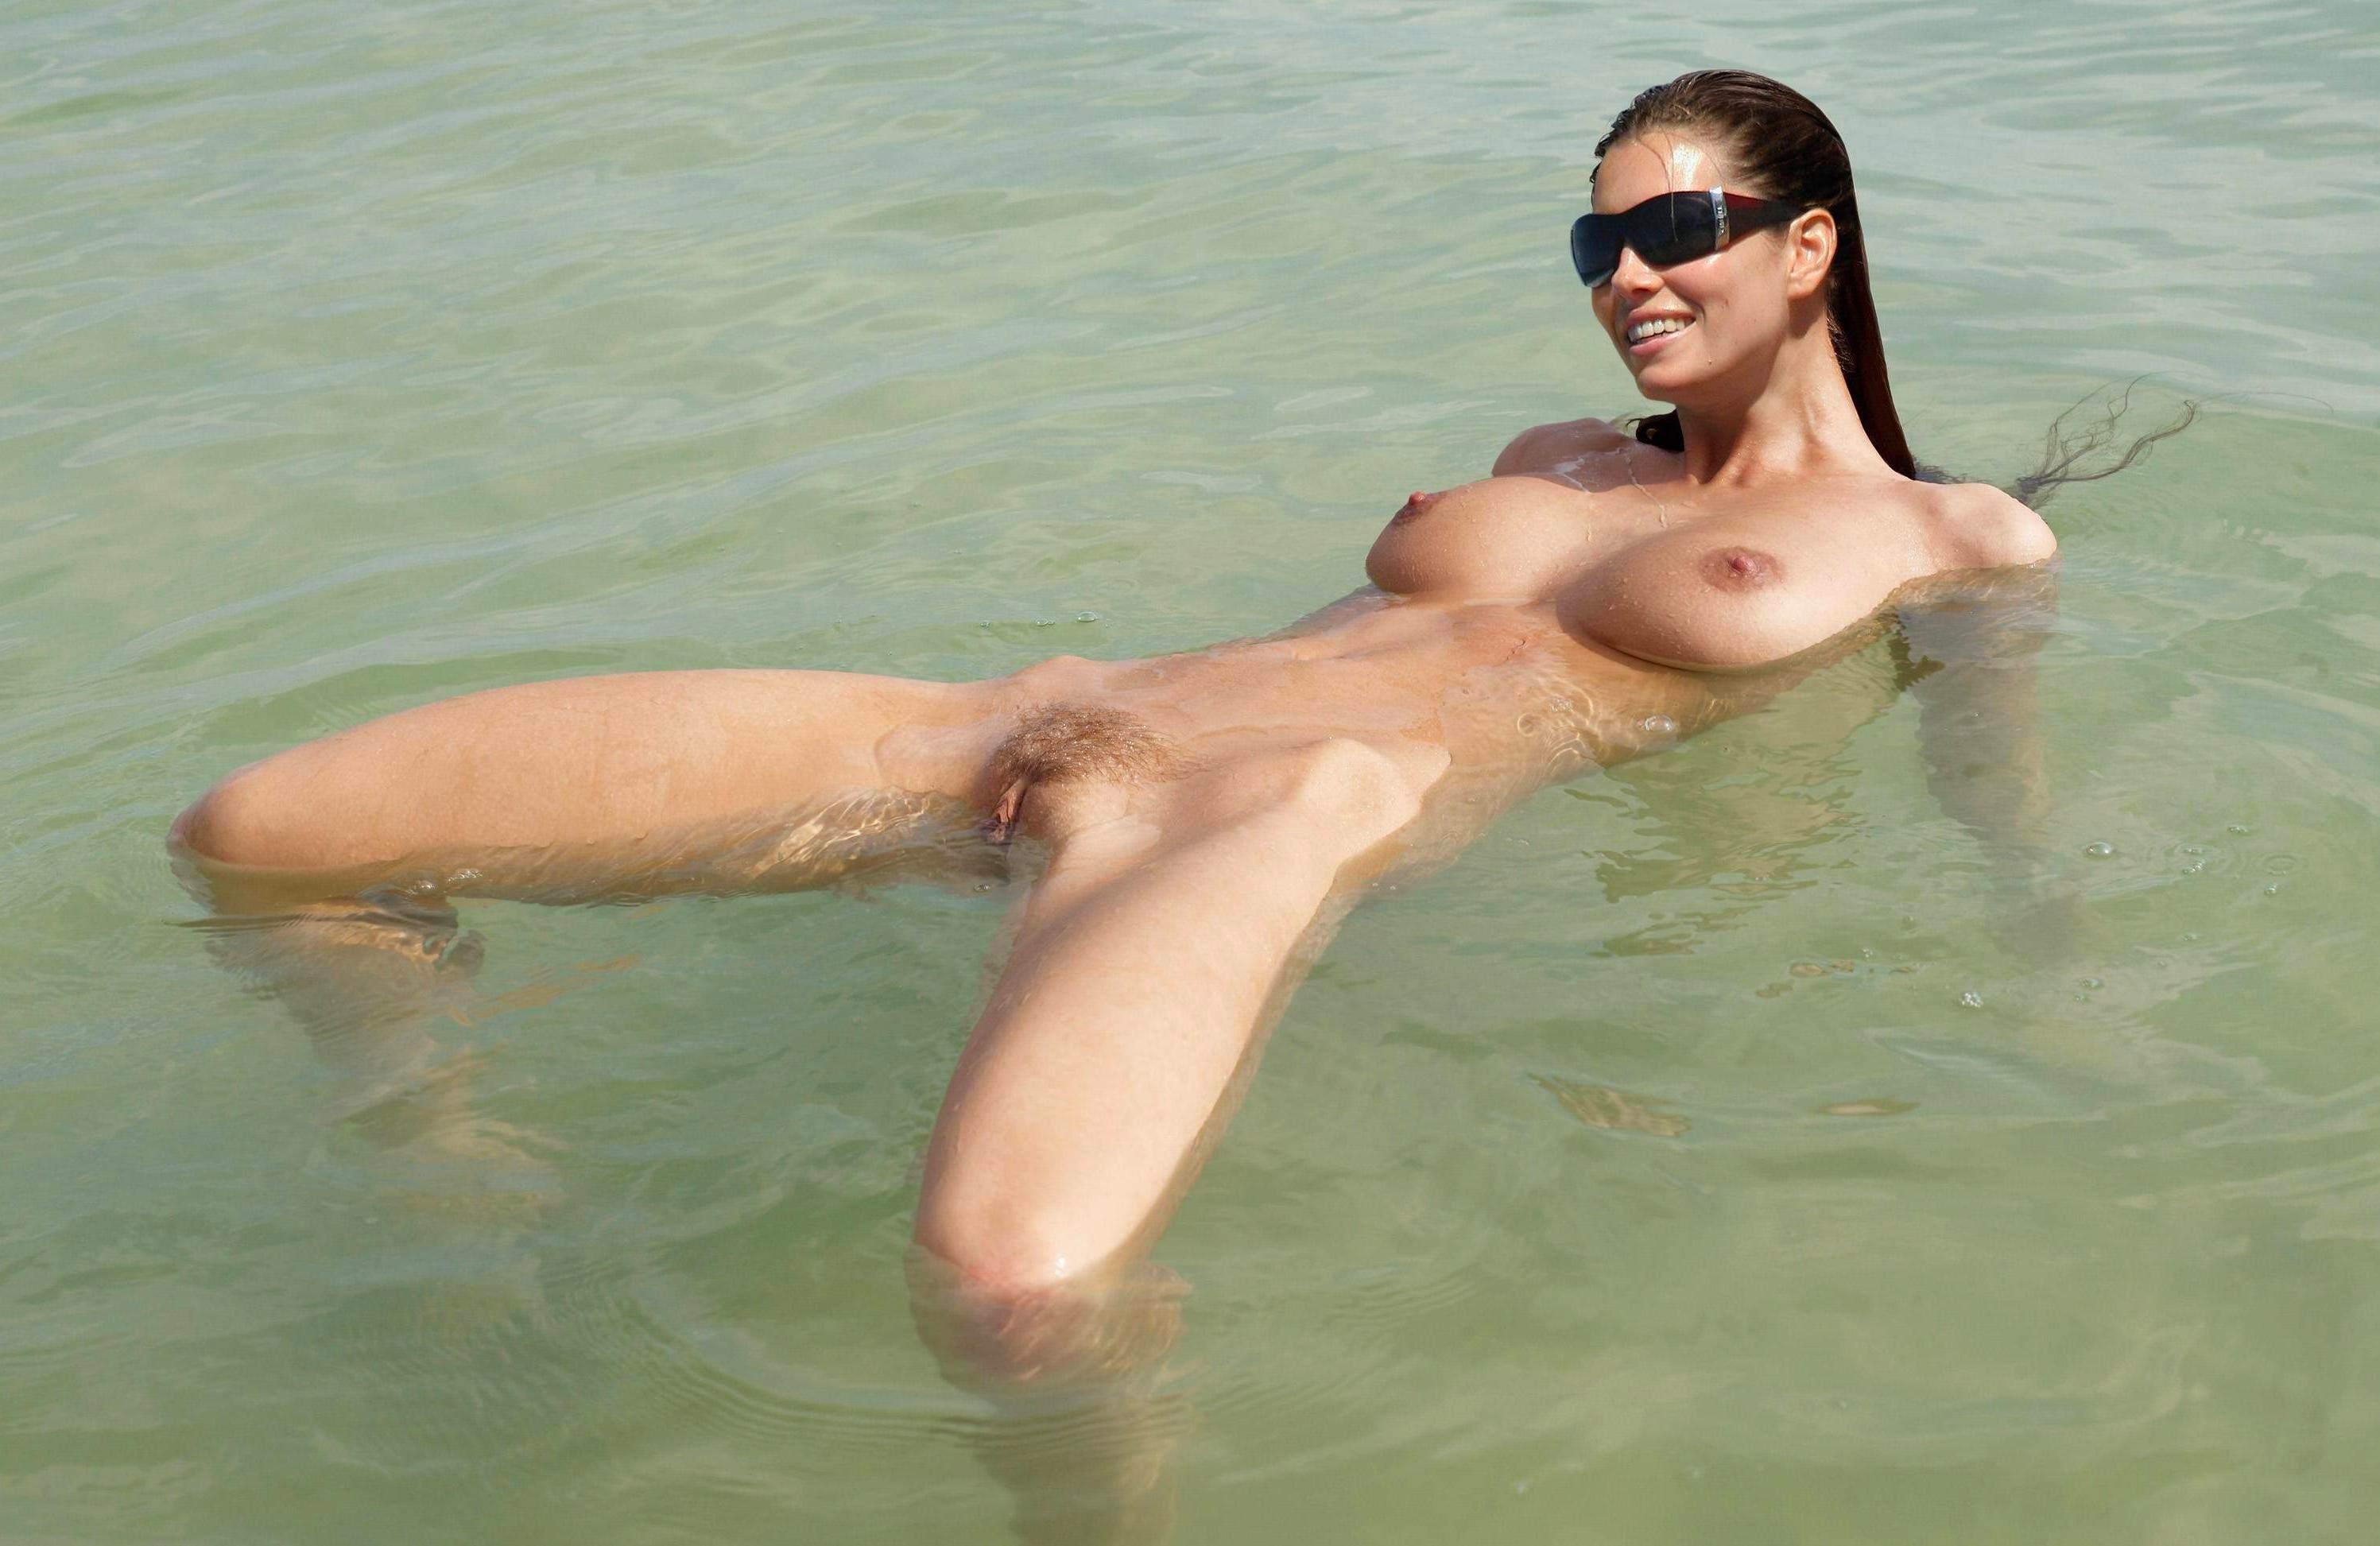 Голая девушка в воде купаетс фото 135-138